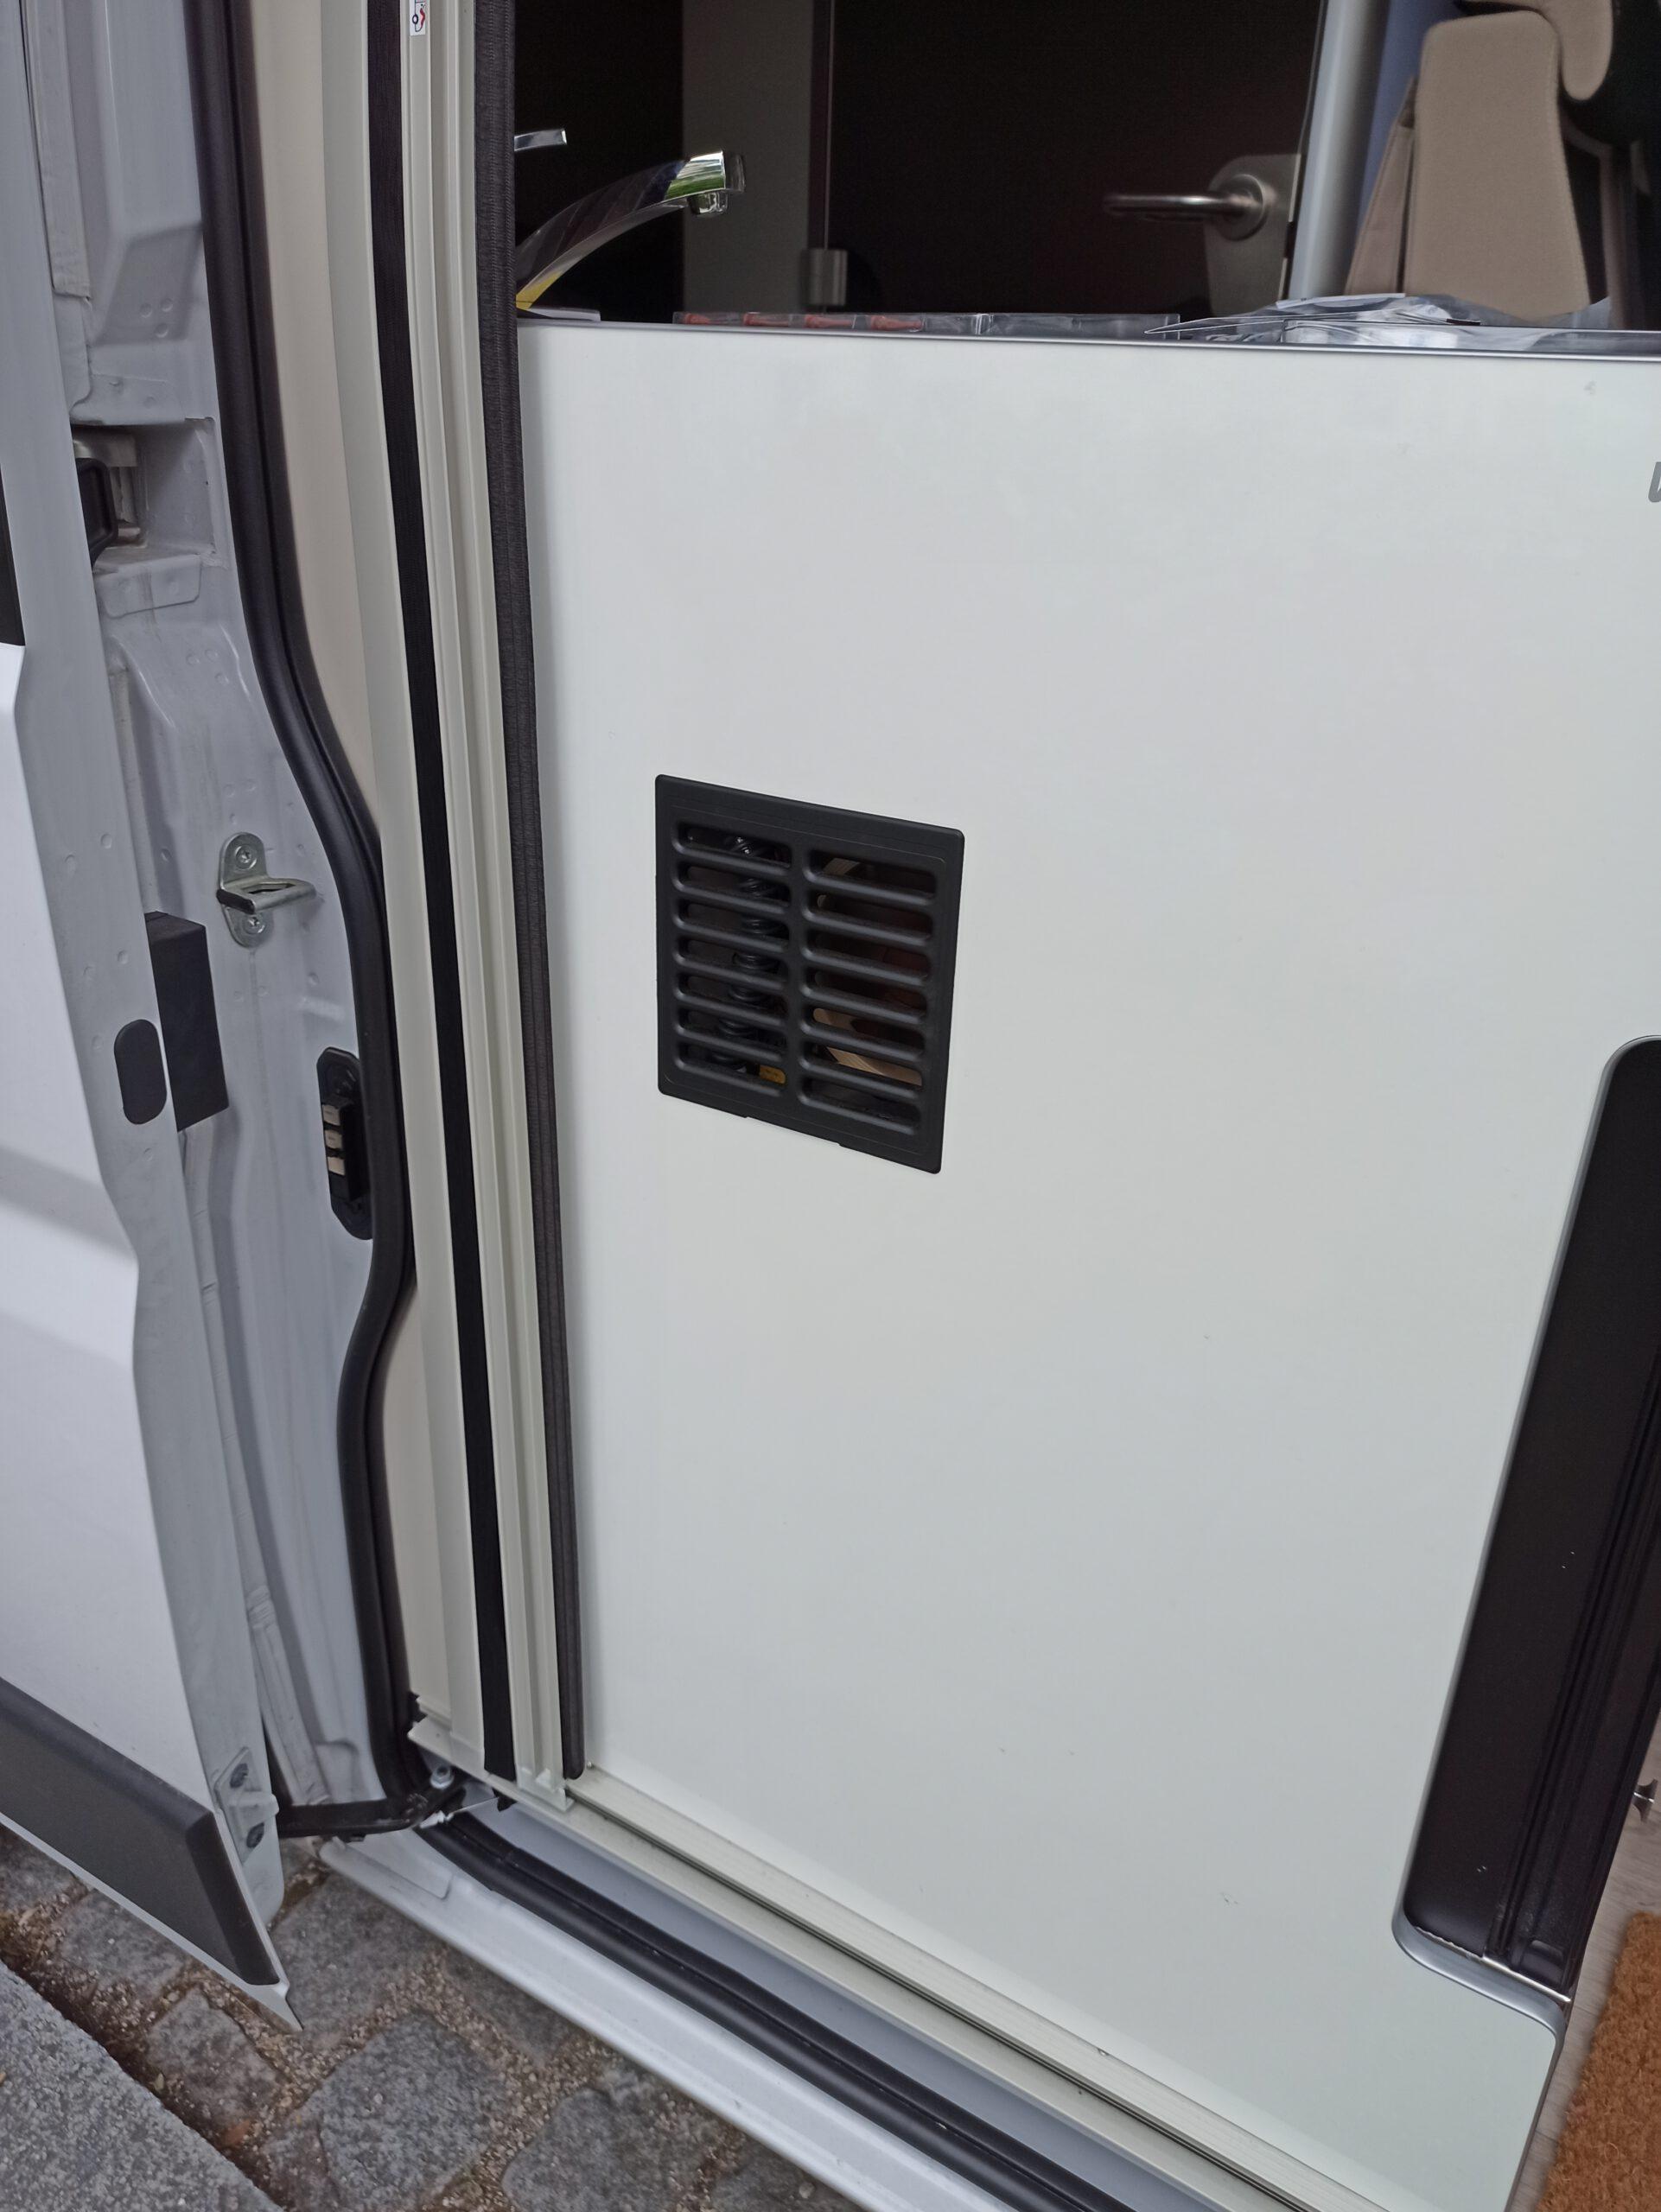 Umbauanleitung lauter Kühlschranklüfter im Westfalia Columbus 540d Lüftungsschacht Vitrifrigo Kühlschrank